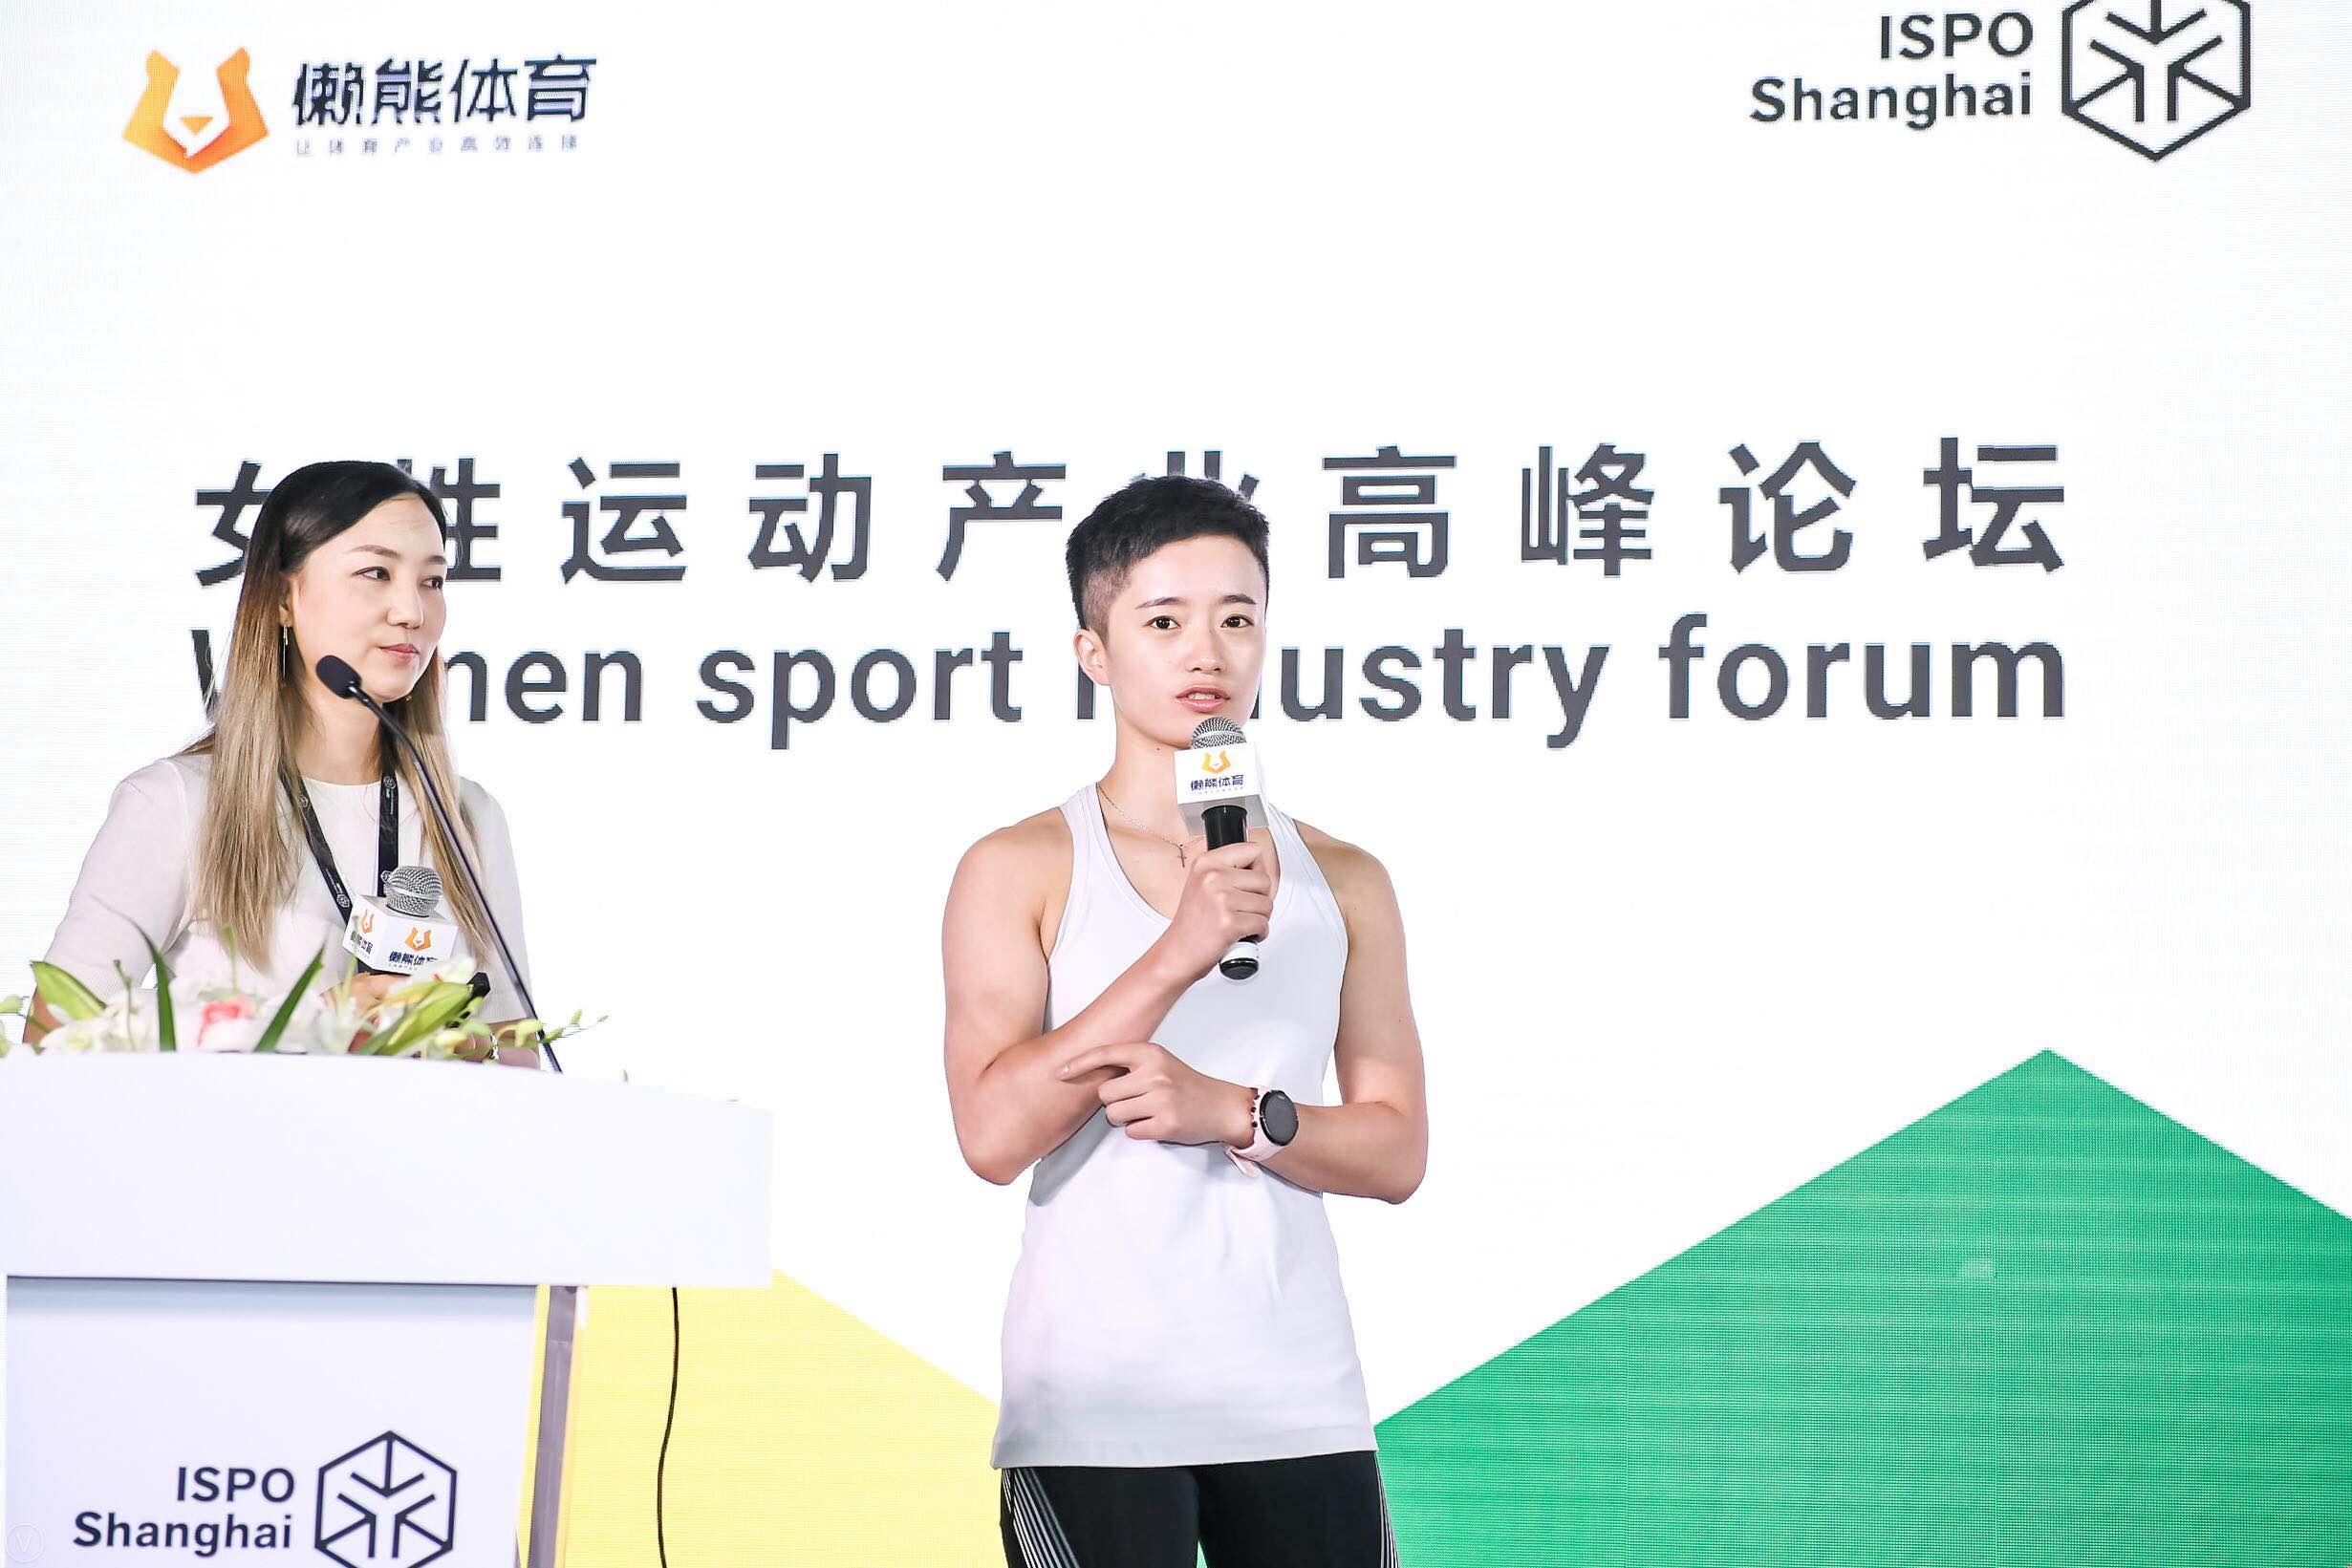 面对巨大的健身市场,PURE如何洞悉女性用户消费需求?